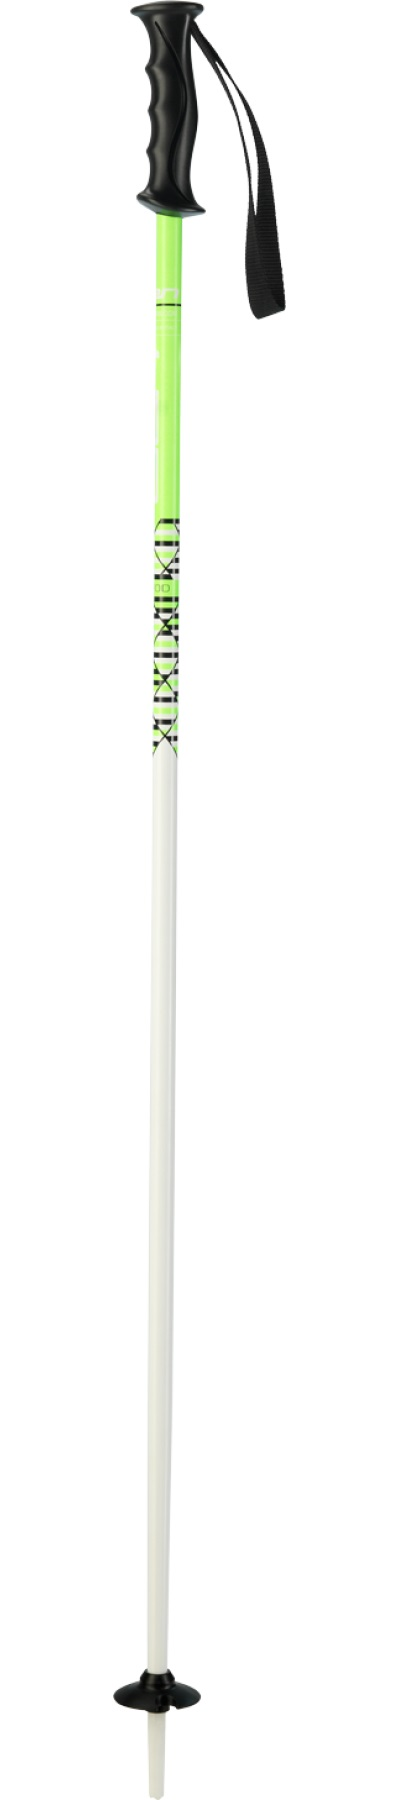 Горнолыжные палки Elan 2017-18 SP HOTrod JR GREEN (см:85)